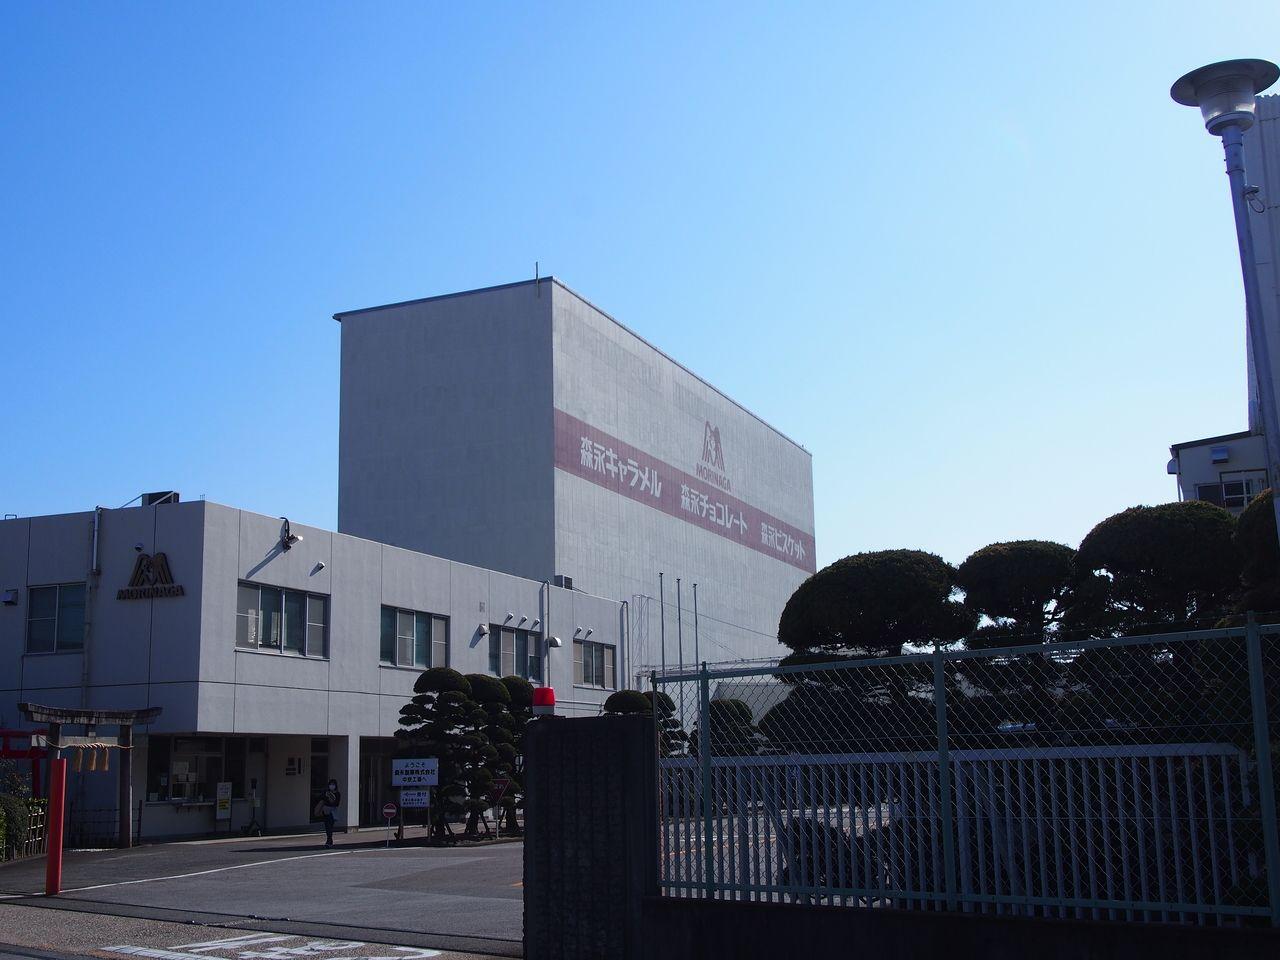 約200m 工場見学が人気!(現在休止)敷地内に神社がある。